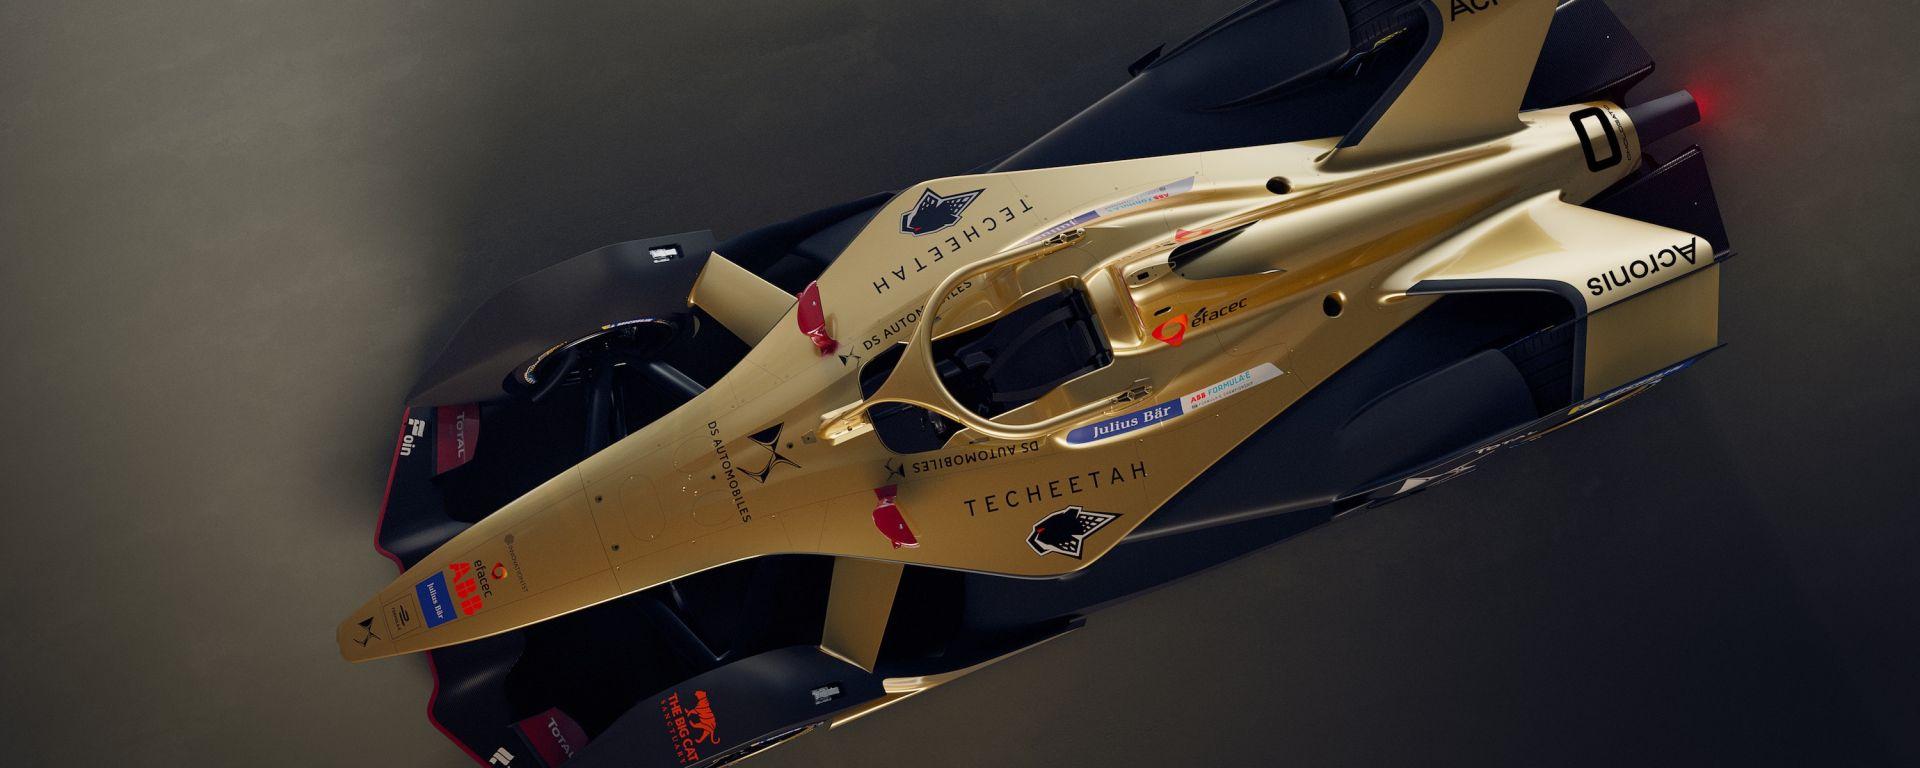 DS Techeetah e Acronis, che binomio per la Formula E 2019!